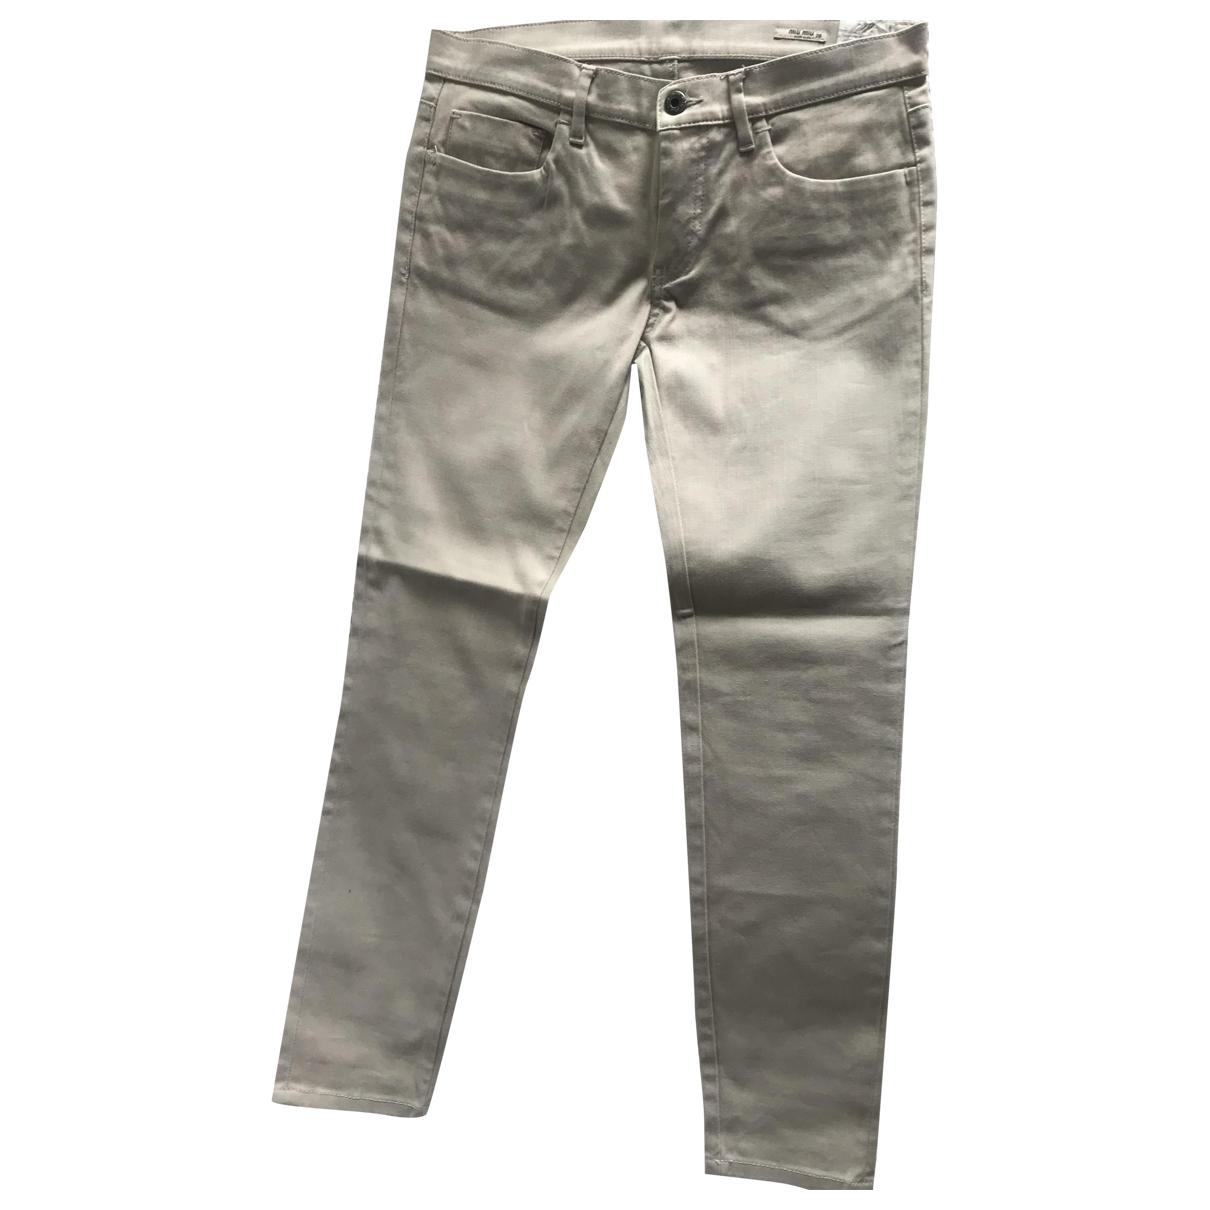 Pantalon en Denim - Vaquero Gris Miu Miu